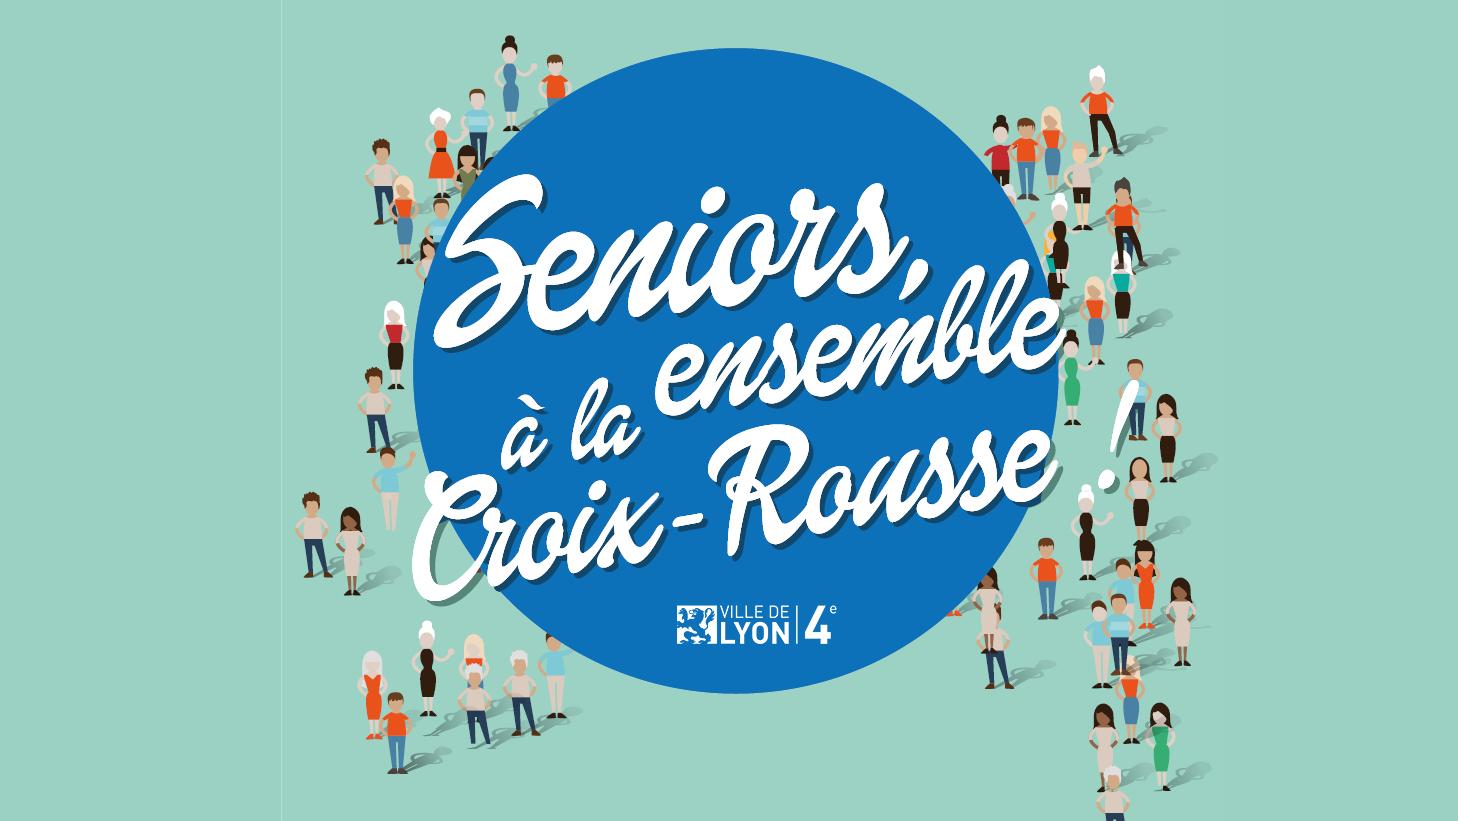 Seniors Ensemble A La Croix Rousse